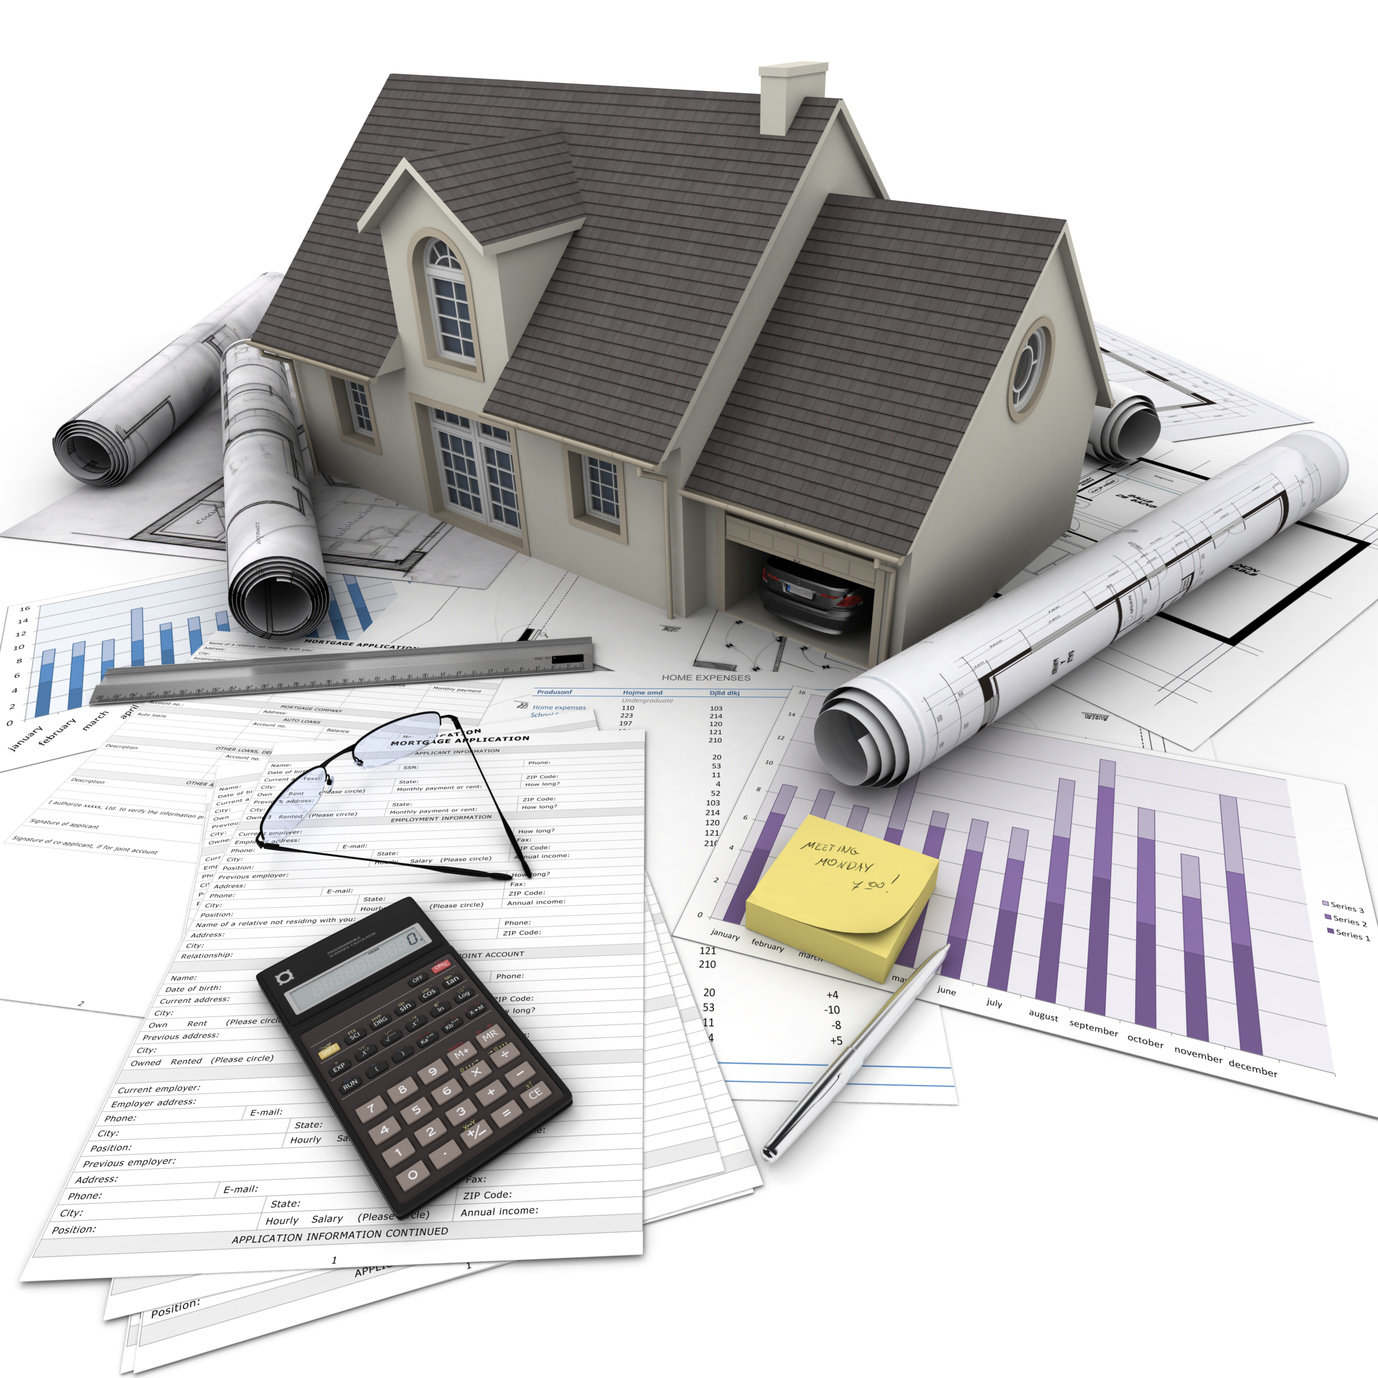 Независимая оценка строения частного дома если